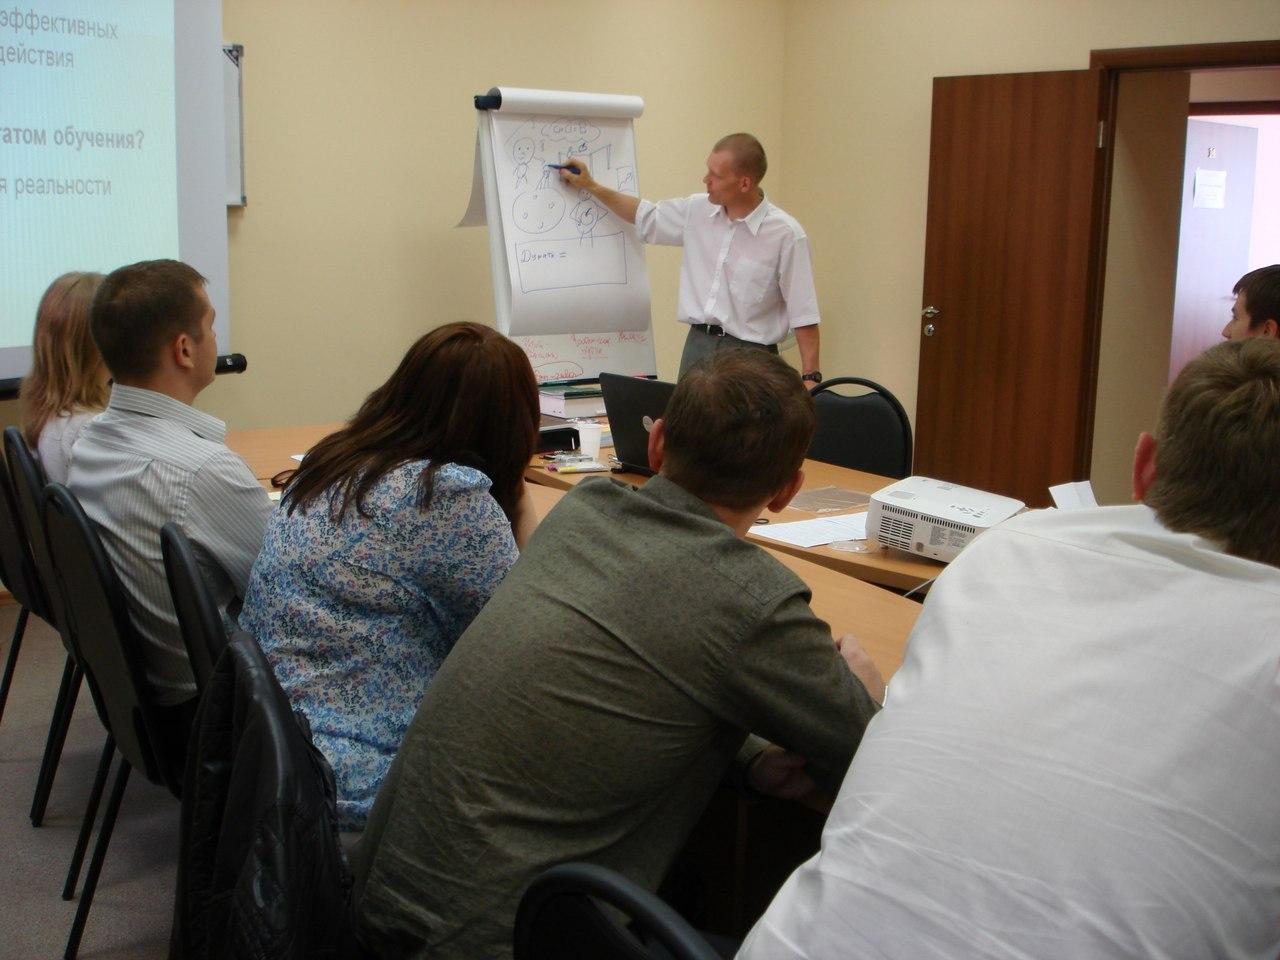 Развитие предпринимательства в регионе: поддержка бизнеса и истории успеха